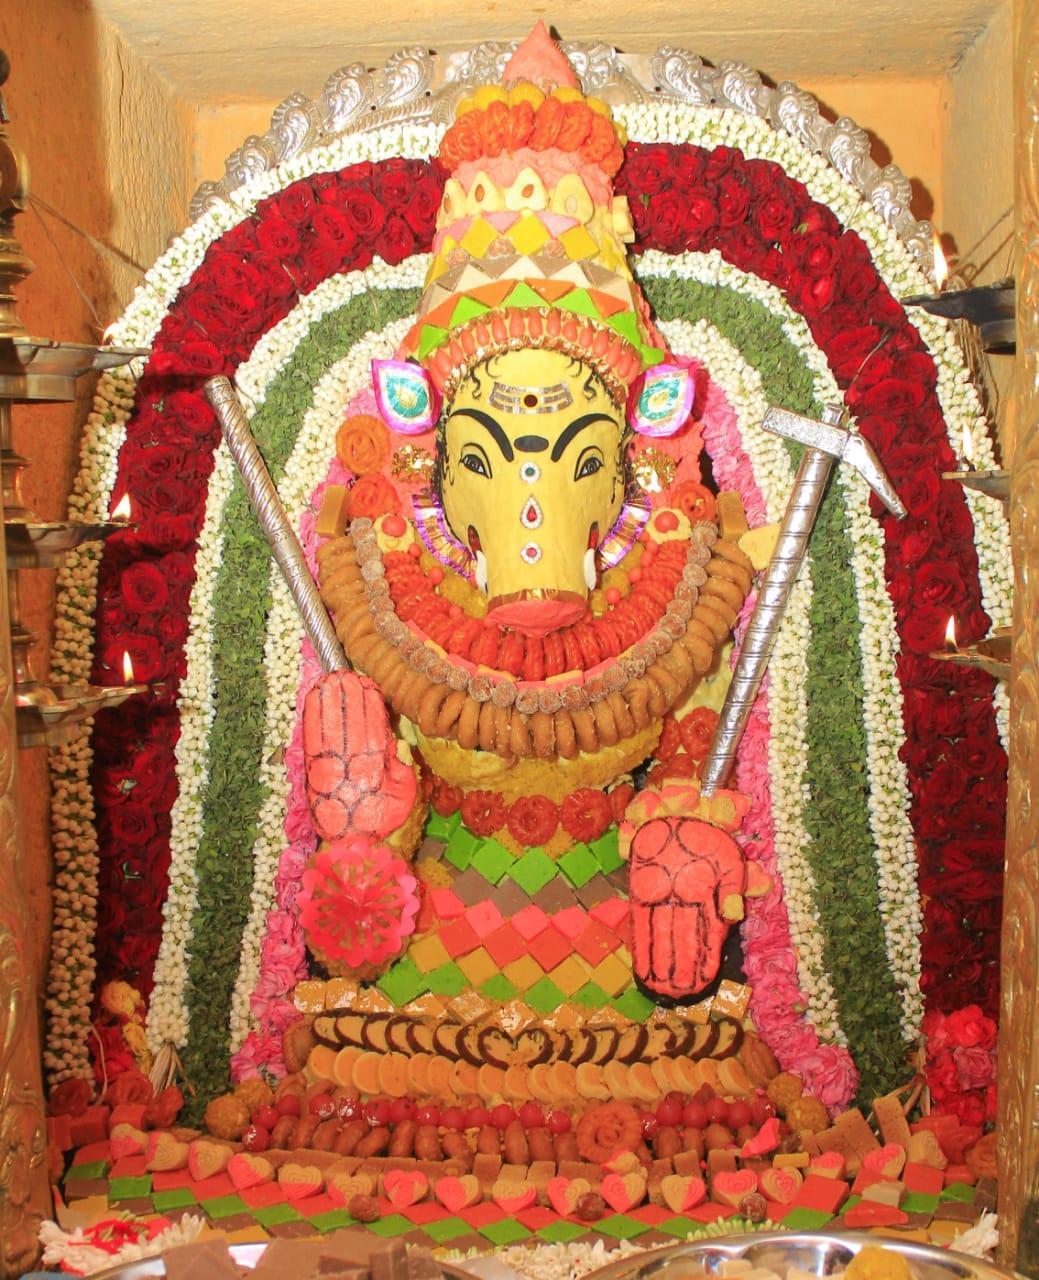 வாராஹி அம்மனுக்கு ஆஷாட நவராத்திரி பெருவிழா